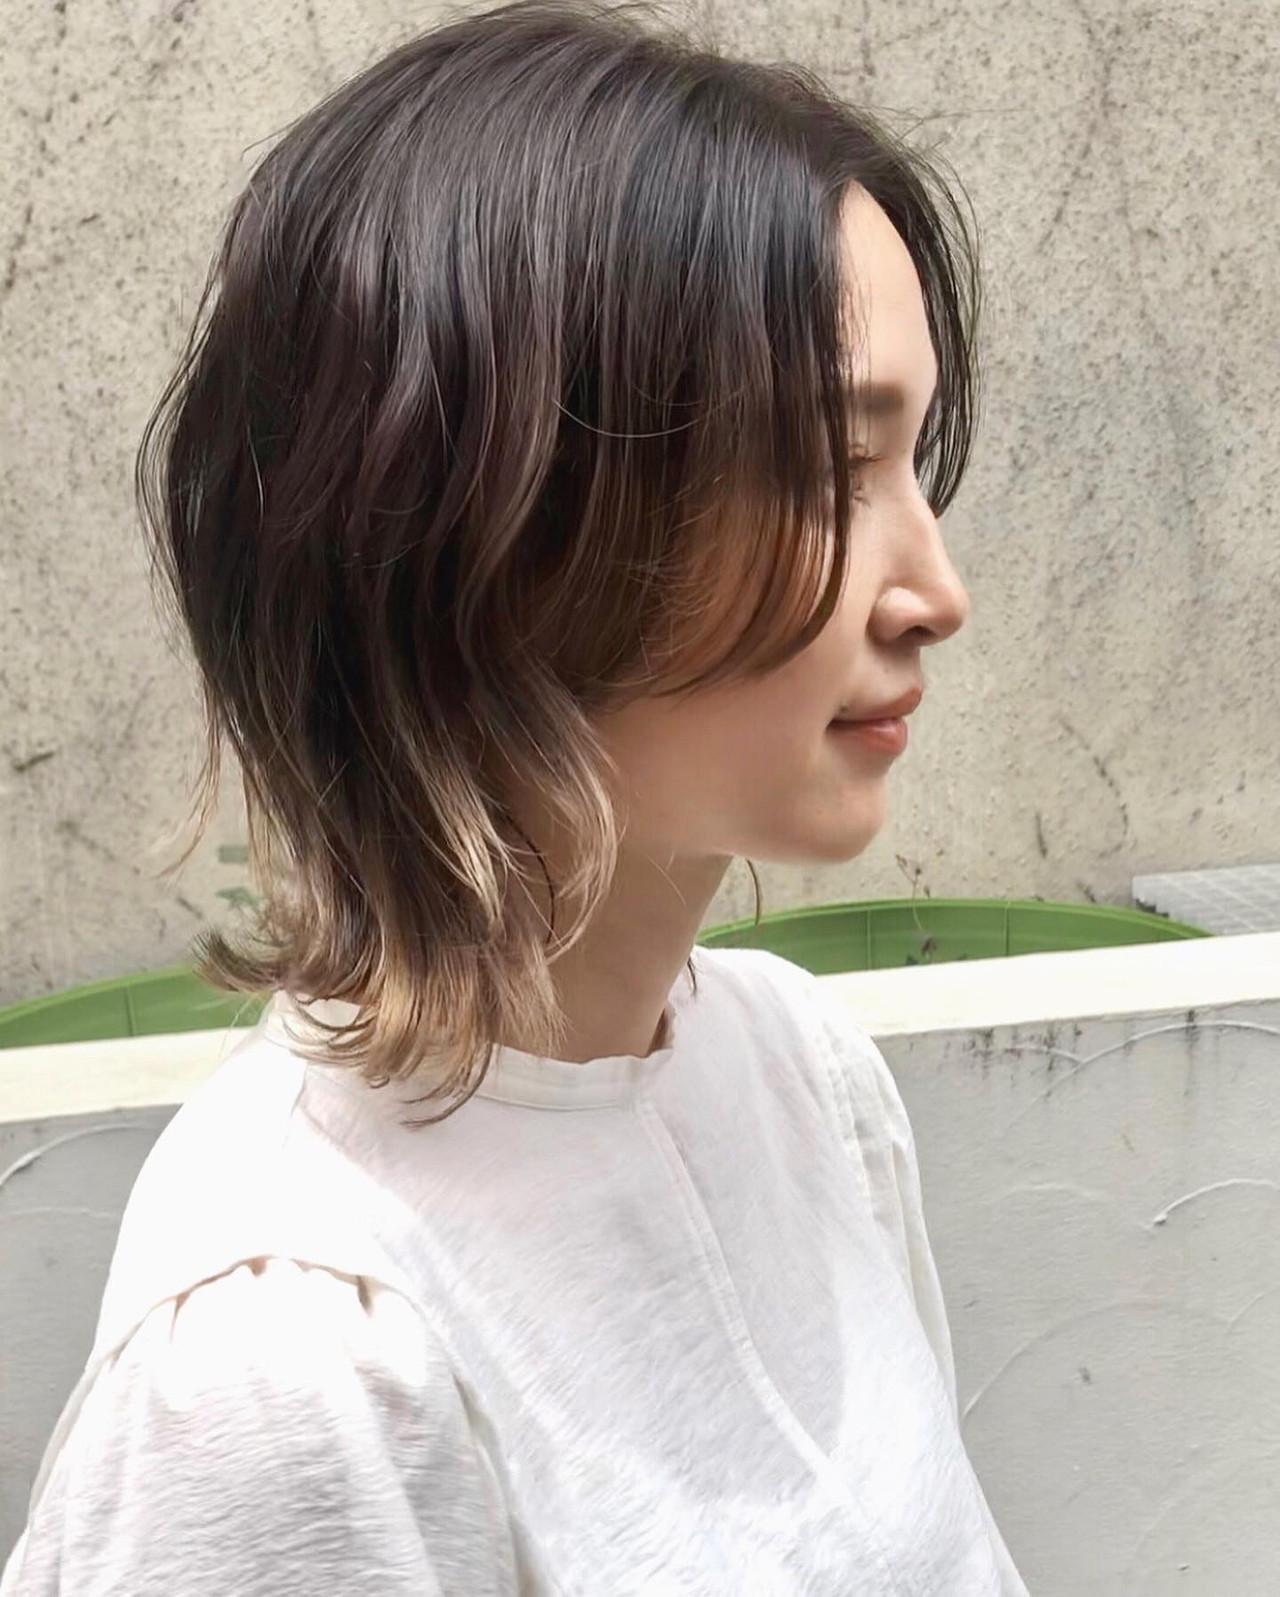 ハイライト レイヤーカット ミディアム インナーカラー ヘアスタイルや髪型の写真・画像